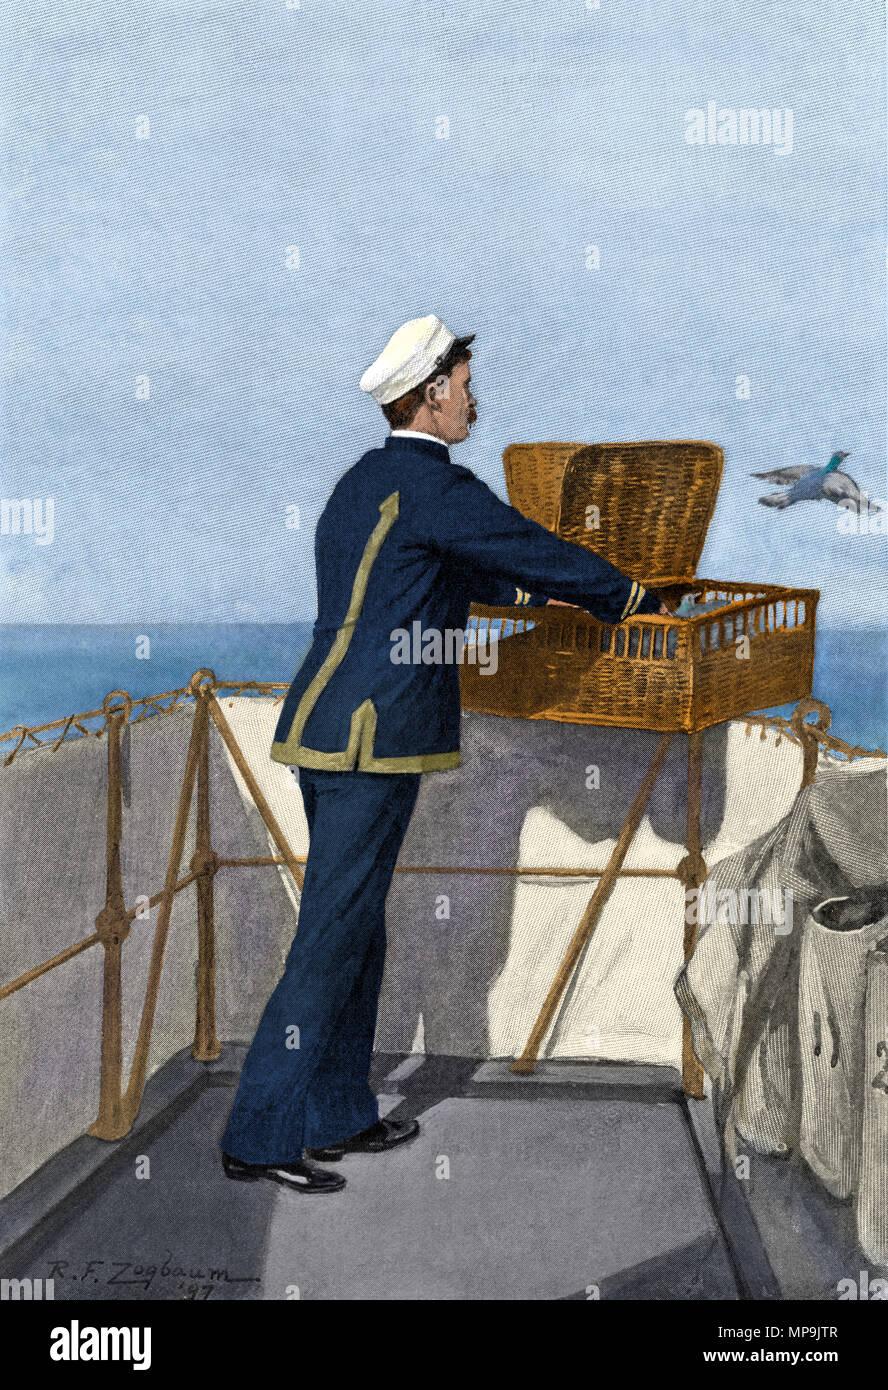 Pigeon voyageur libéré de l'USS 'Iowa' avec un message d'accueil, port 1897. Demi-teinte de couleur numérique d'une illustration Photo Stock